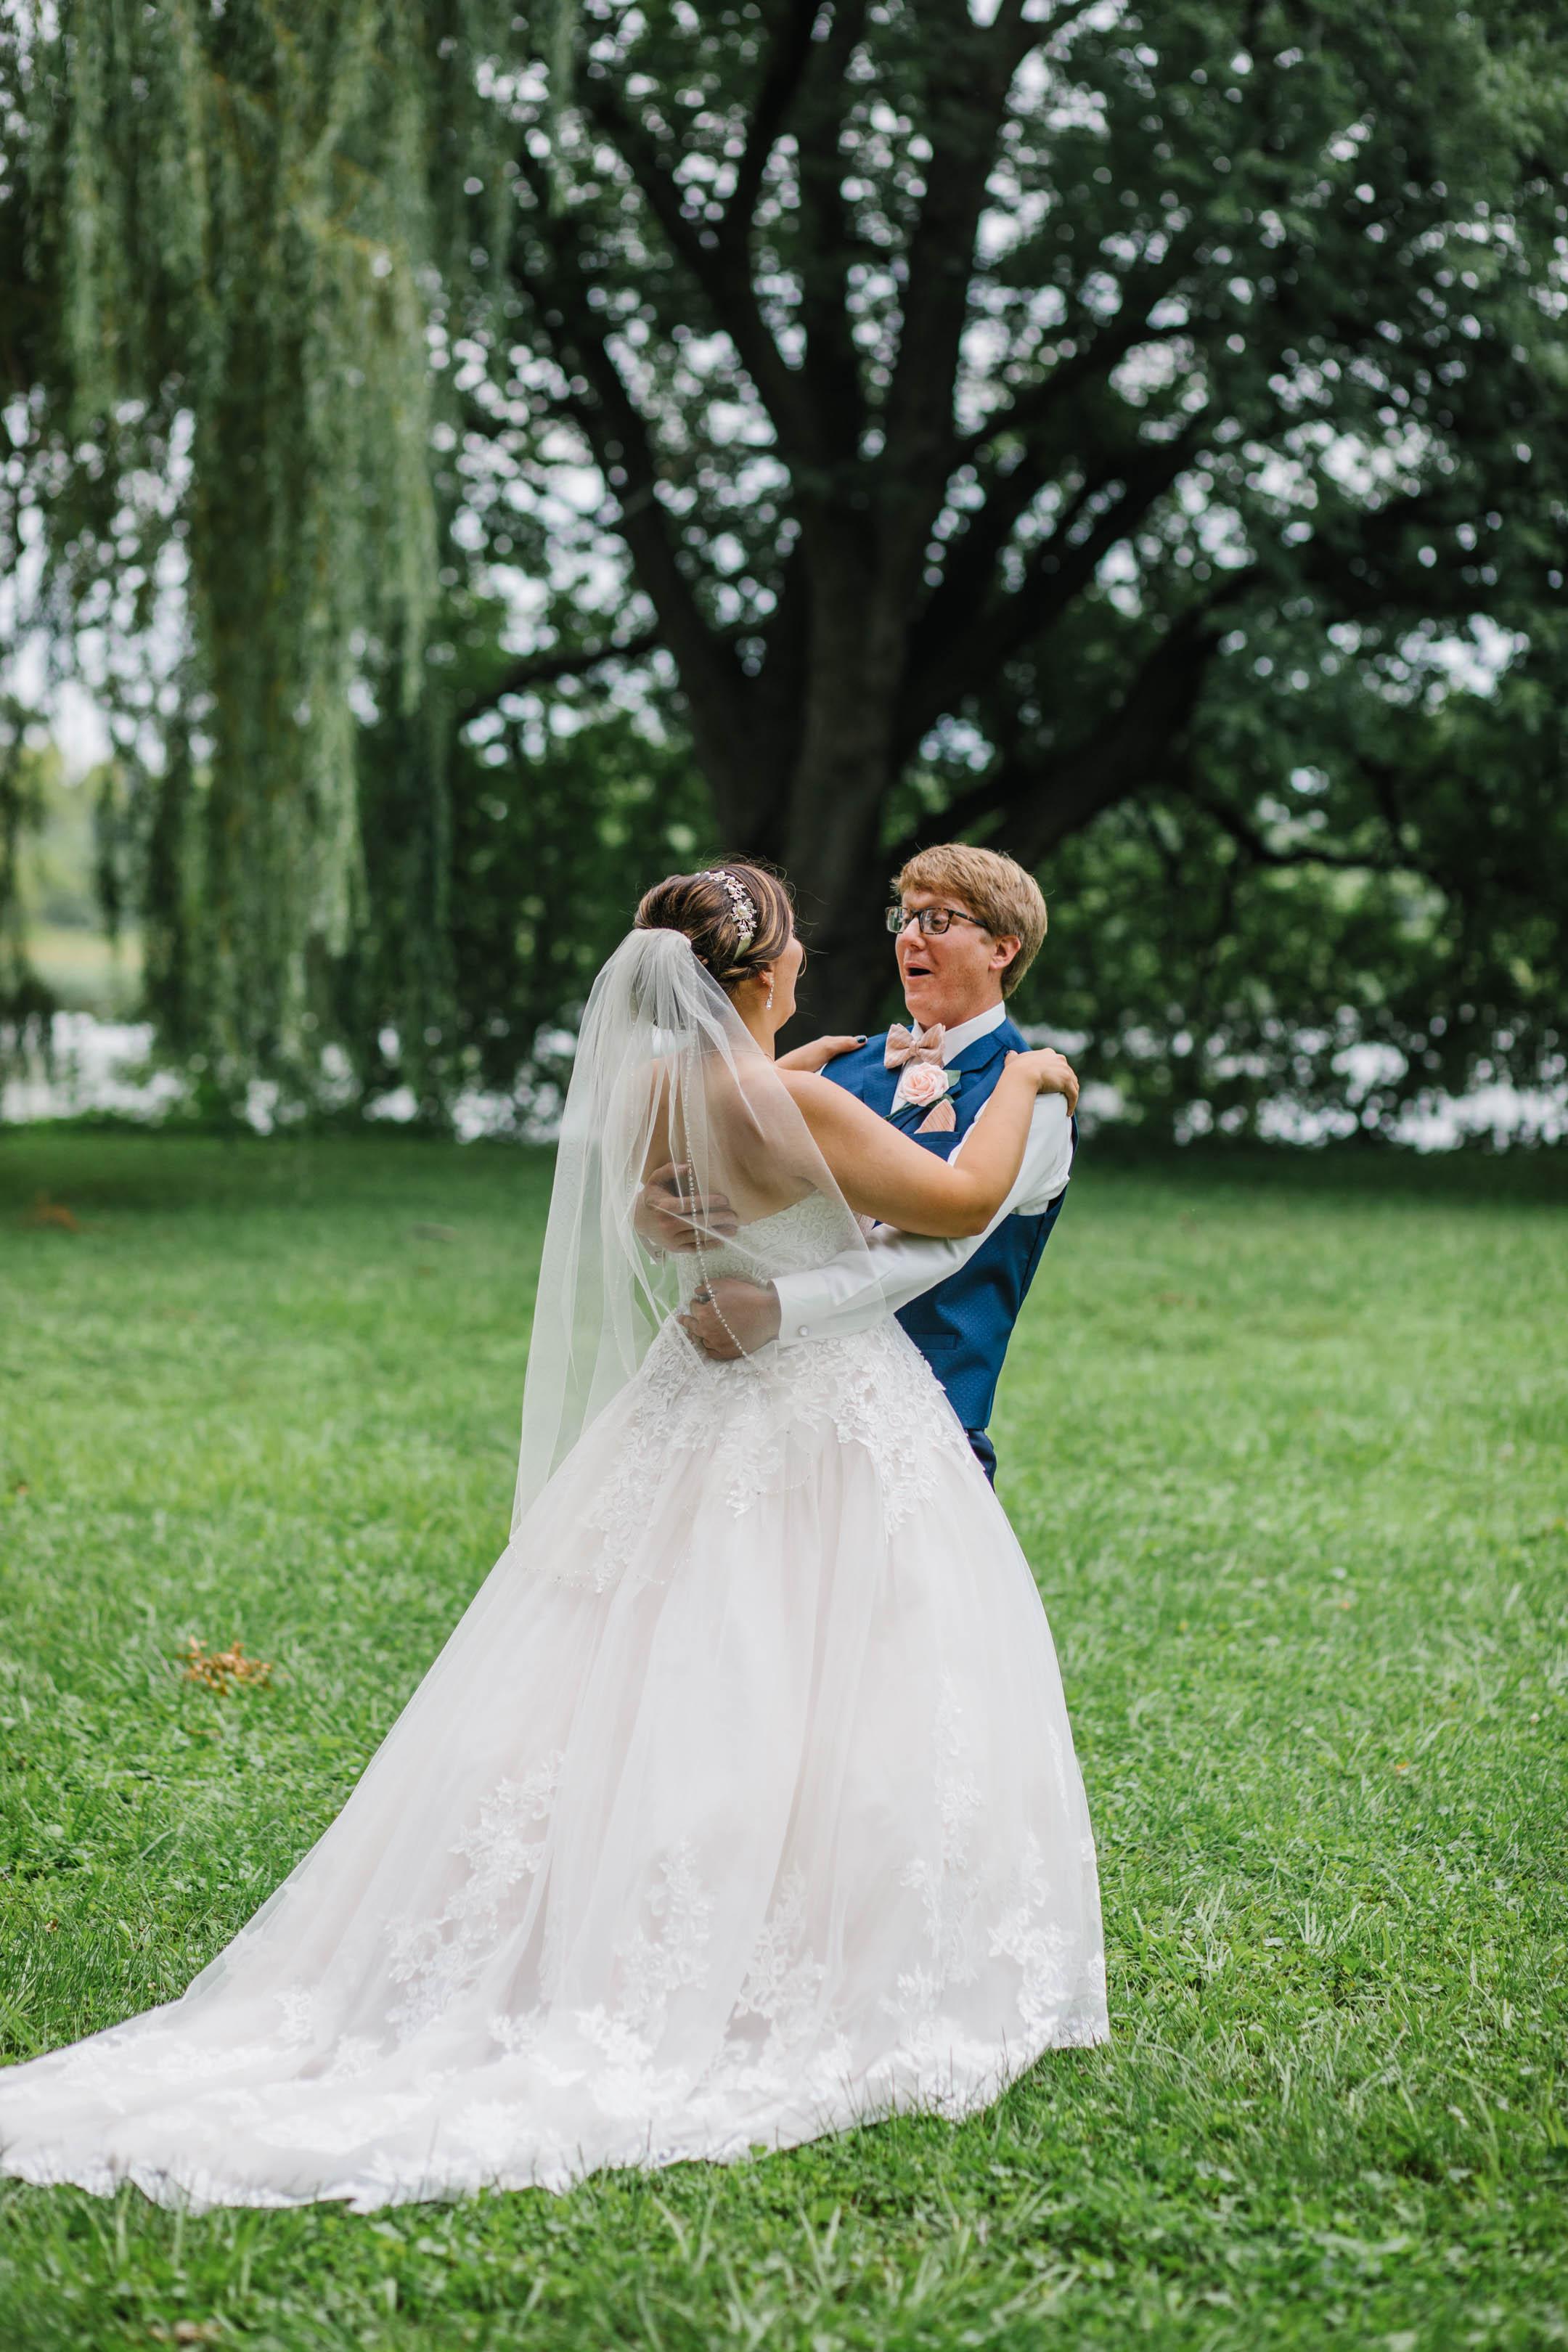 candid wedding moments iowawed weddingpioneer cedar falls waterloo waverly